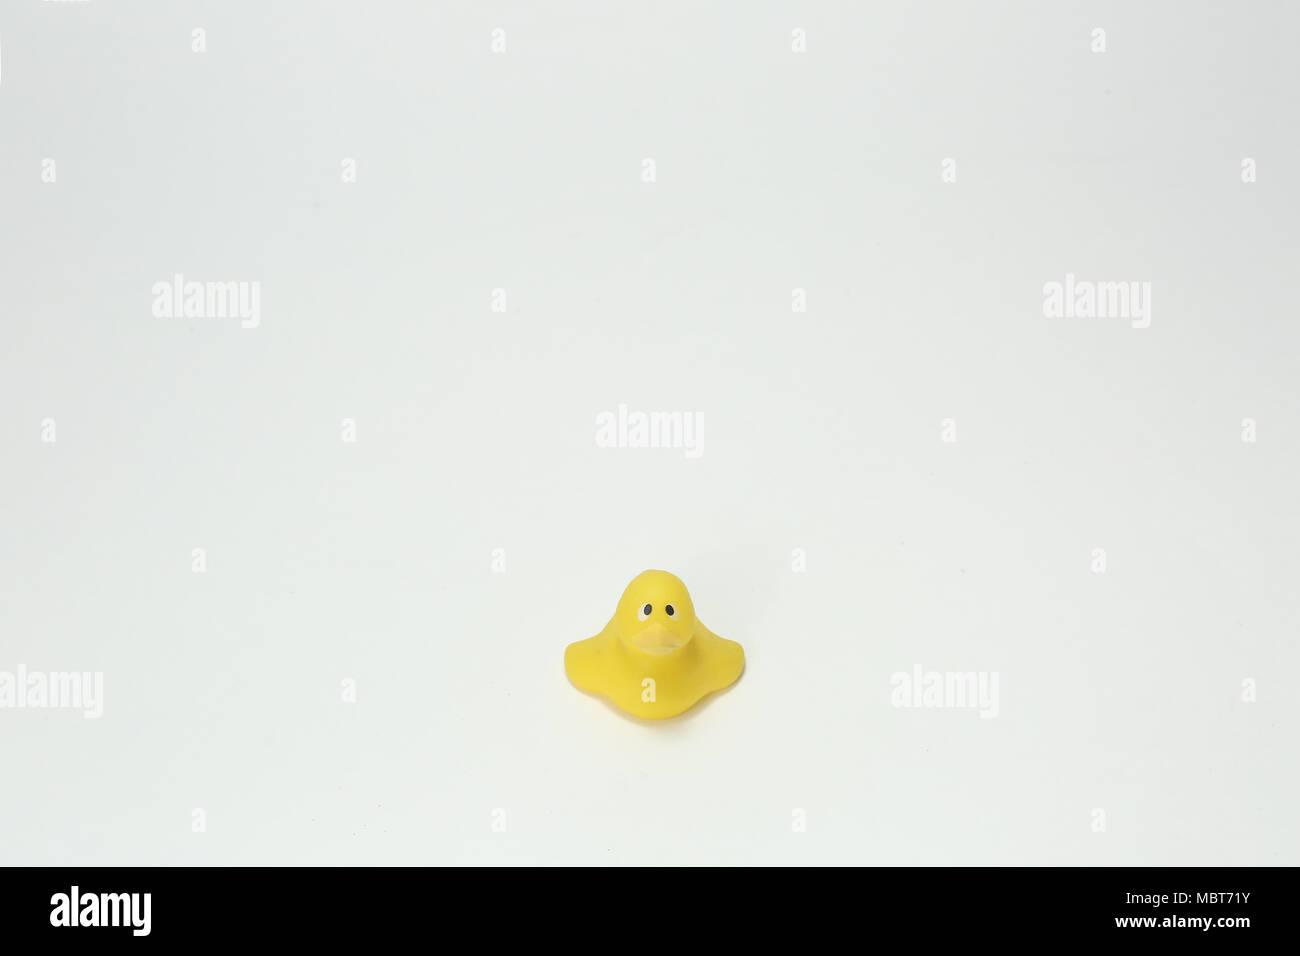 Un singolo giallo giocattolo di plastica di anatra con la supplica gli occhi. Il tipo di plastica duck che si potrebbe mettere in una vasca da bagno. L'espressione evoca un senso di solidarietà. Immagini Stock